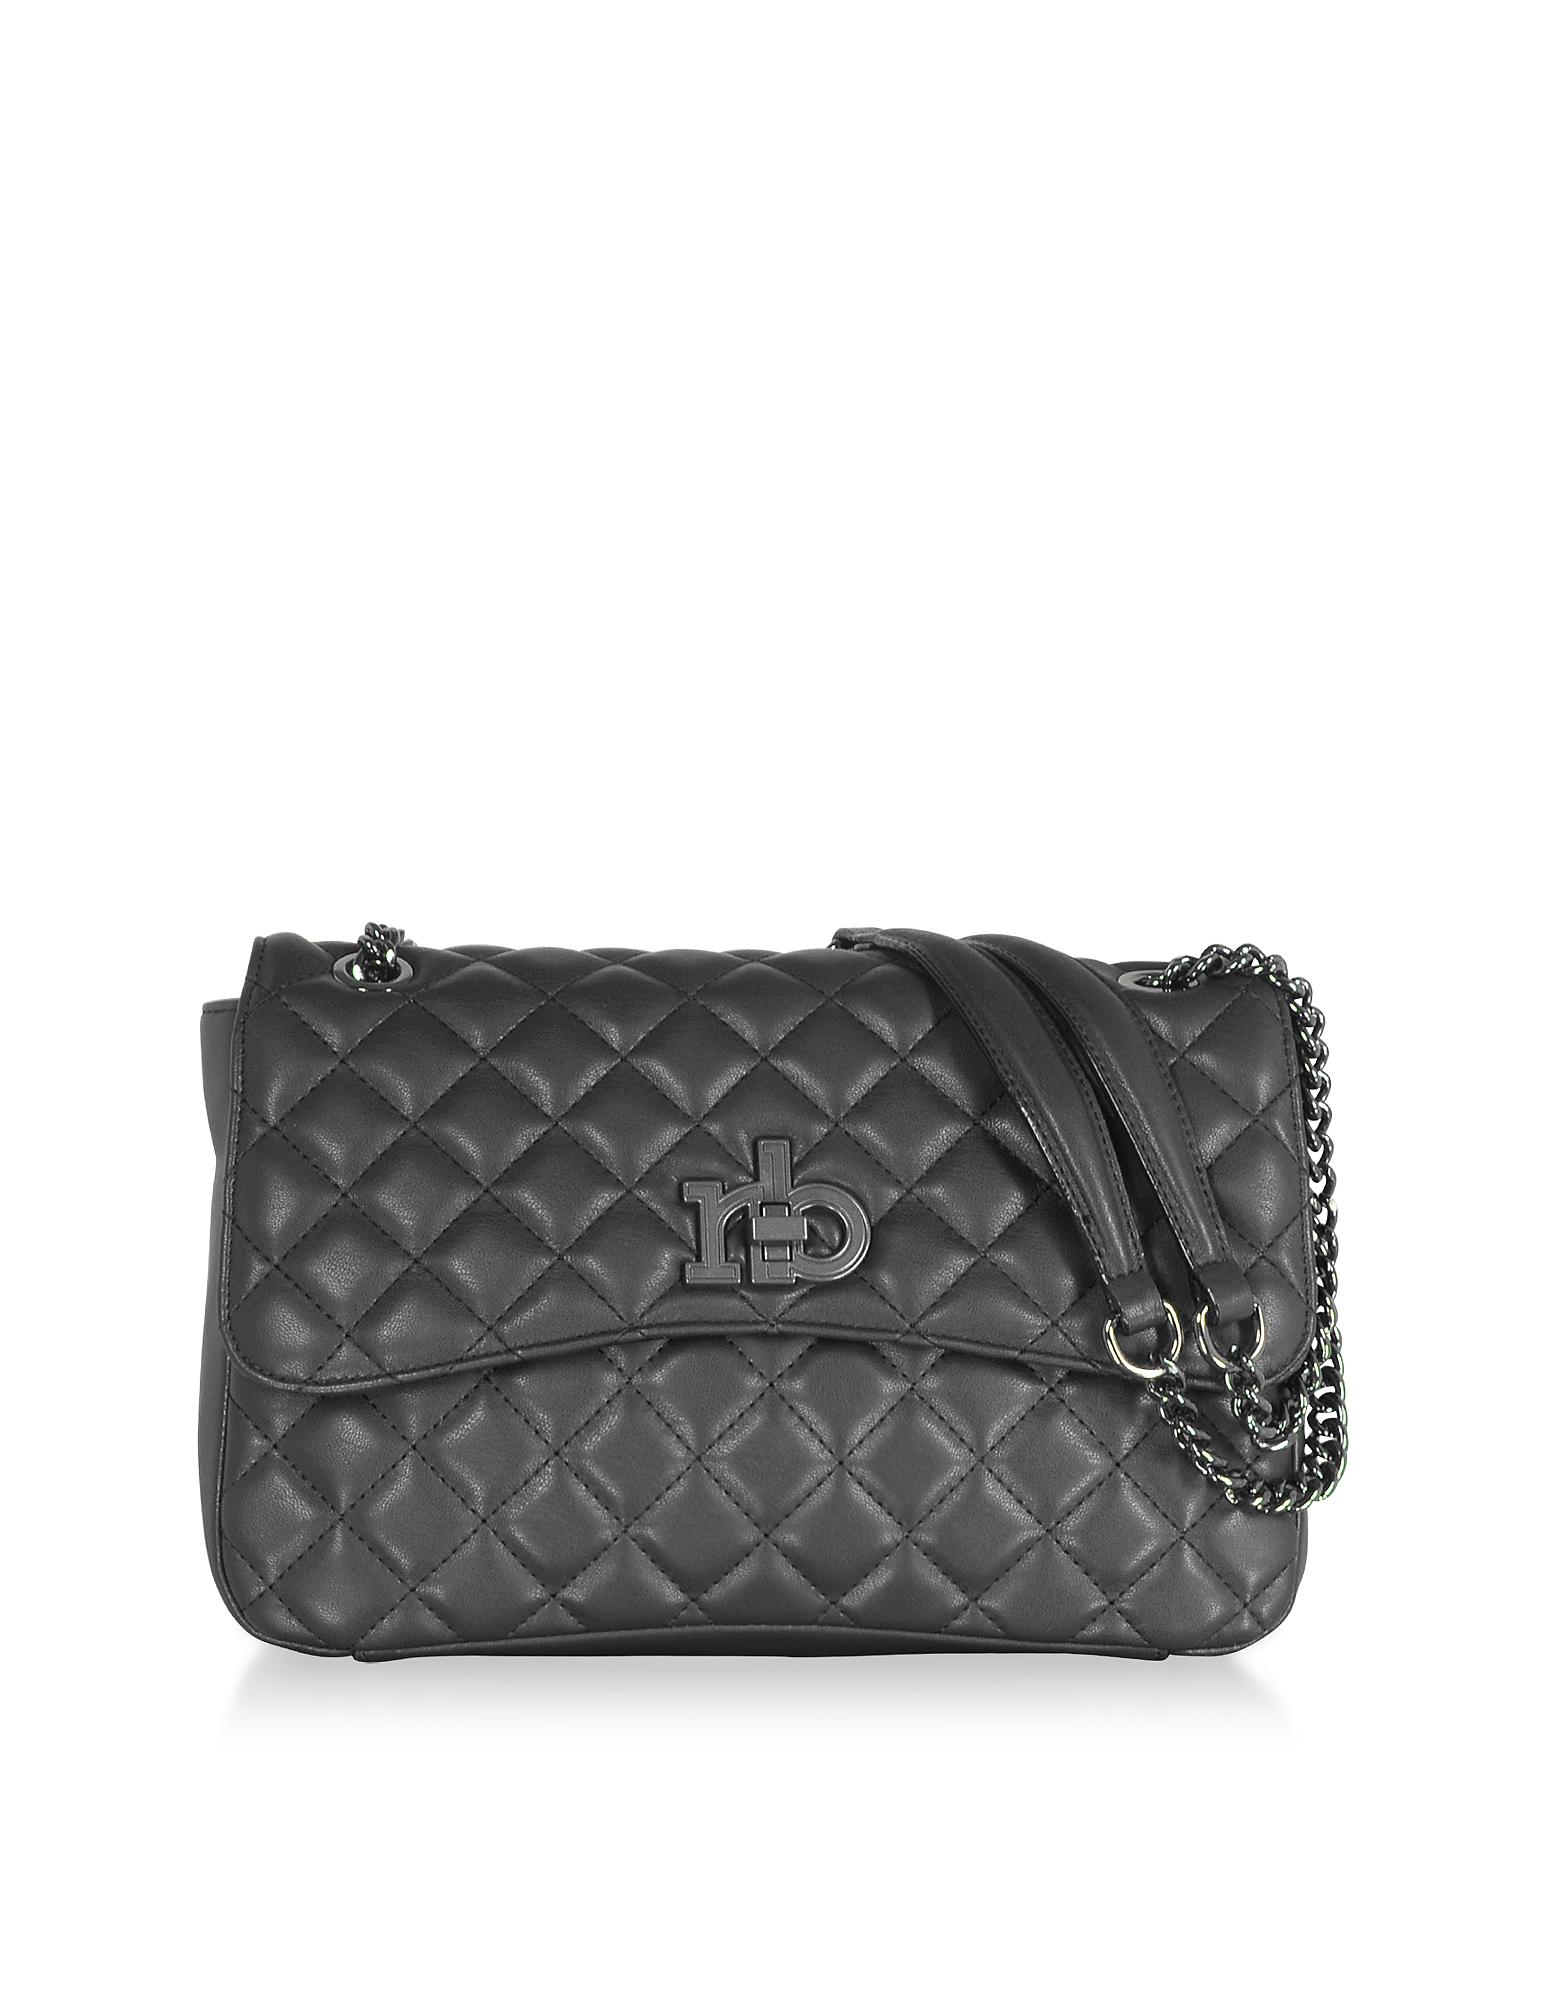 RB Releve Quilted Eco Leather Shoulder Bag